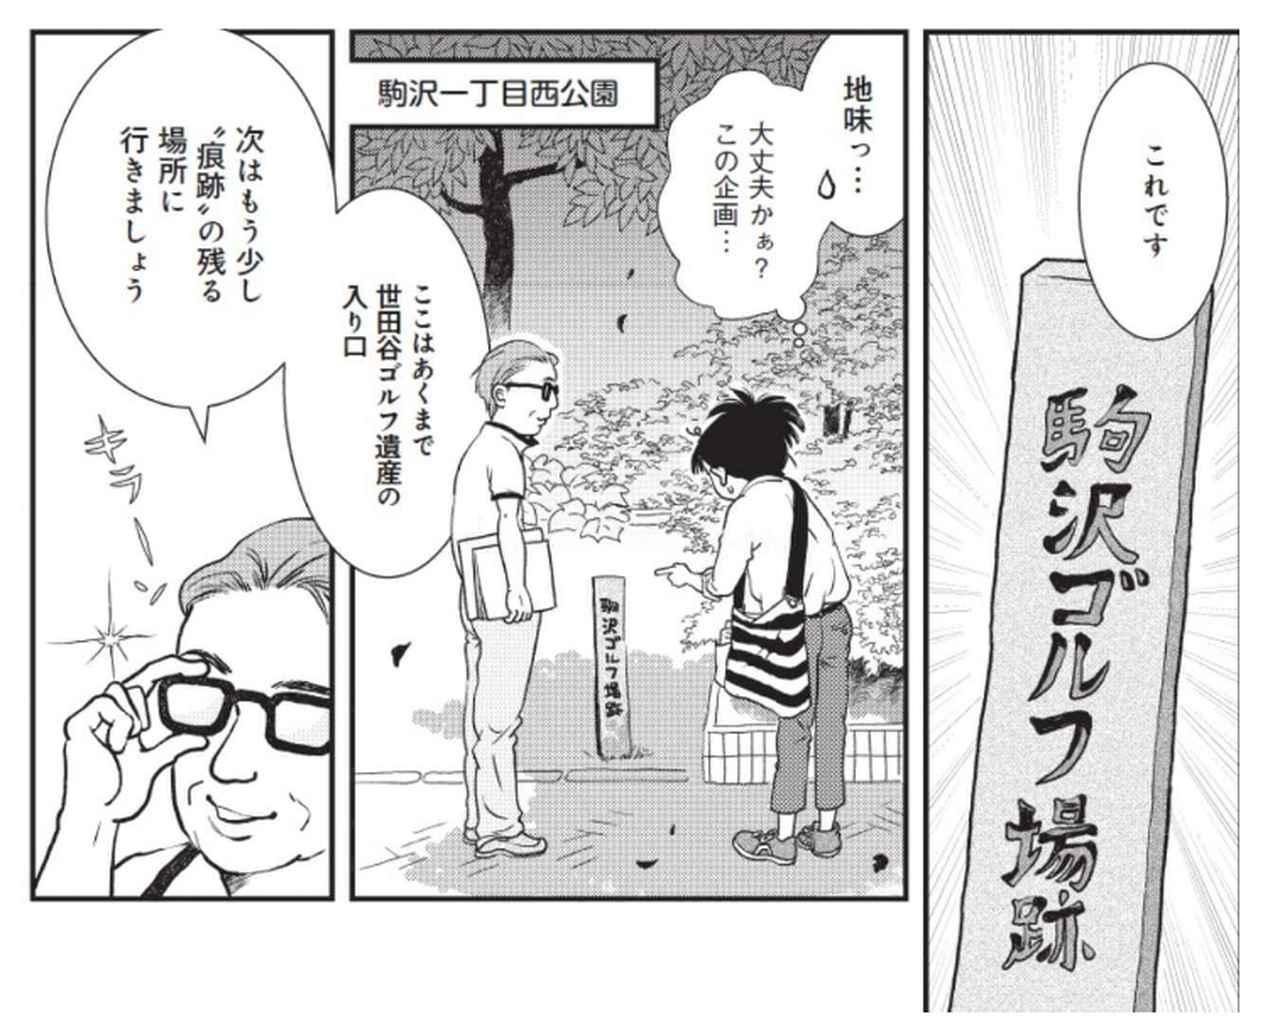 画像: 駒沢公園から徒歩1~2分、駒沢一丁目西公園に「ゴルフ遺産」を発見。まだまだ、世田谷ゴルフさんぽははじまったばかり。